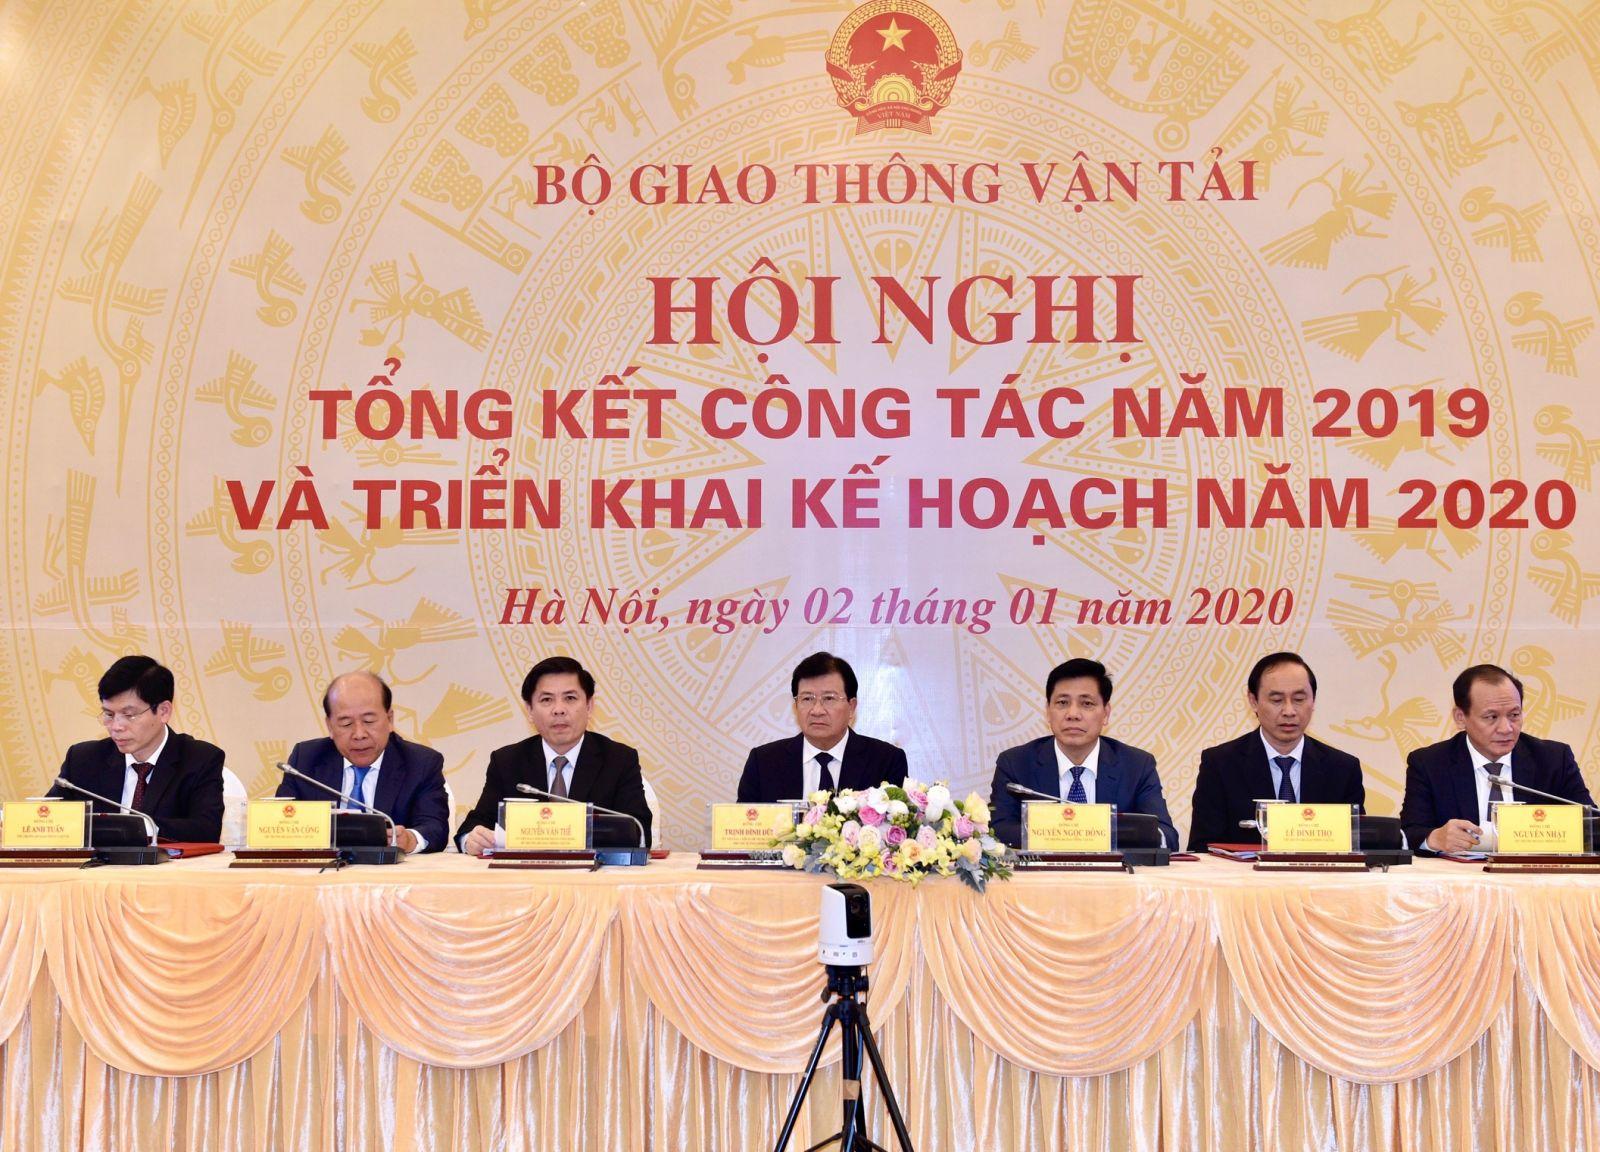 Phó Thủ tướng Trịnh Đình Dũng dự buổi tổng kết công tác năm 2019 và triển khai kế hoạch năm 2020 của Bộ GTVT. Ảnh: VGP/Nhật Bắc